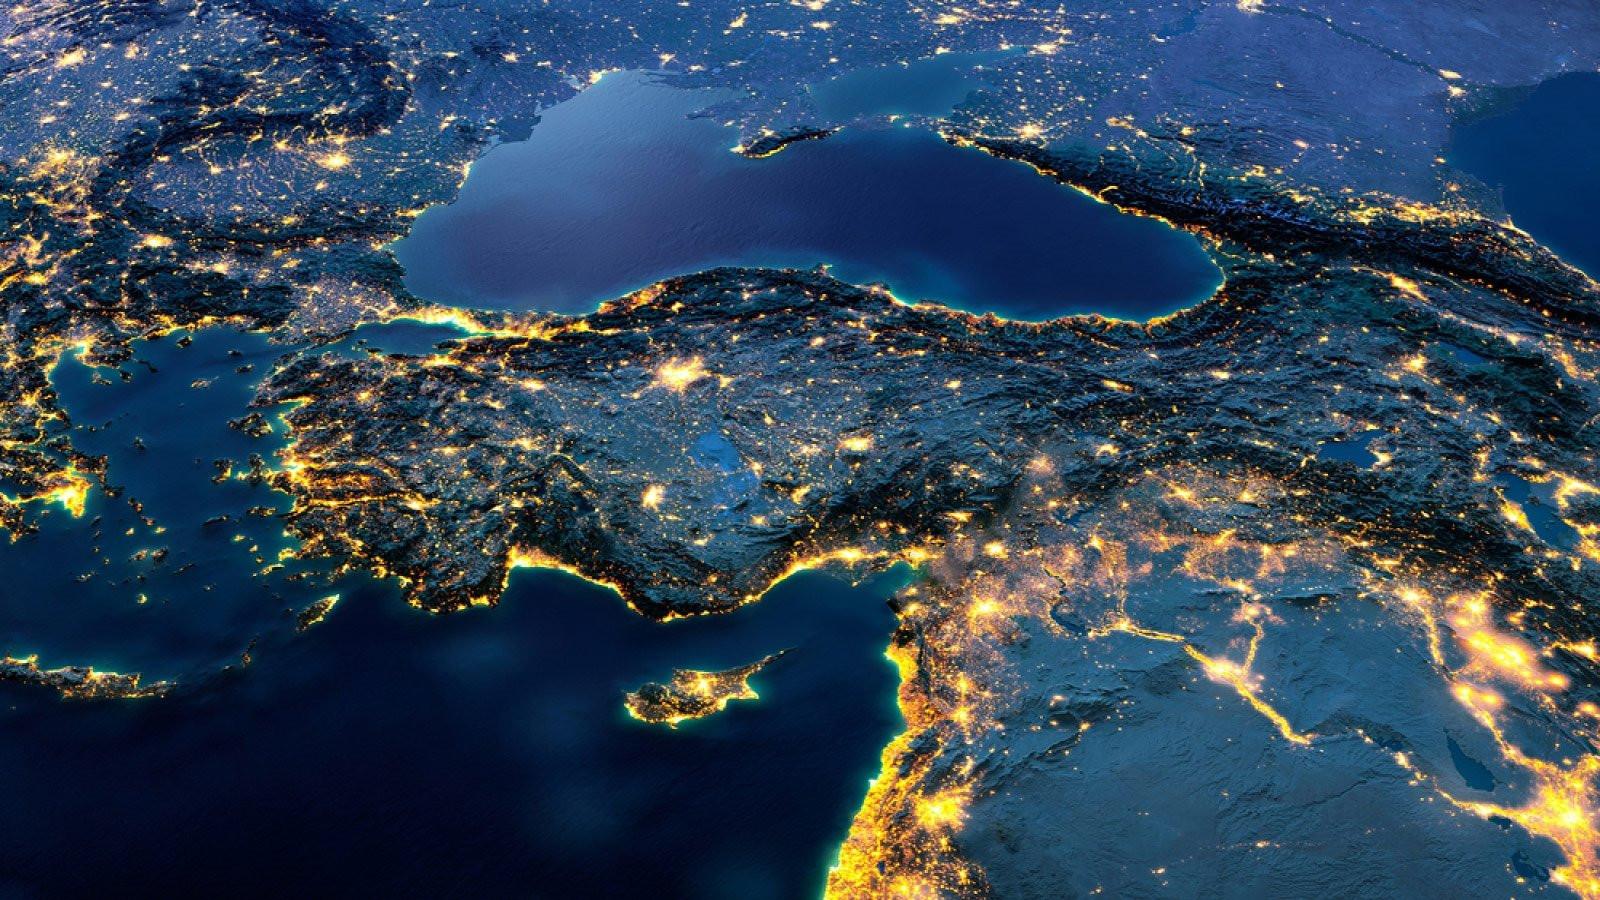 Türkiye'de ne kadar çocuk var? TÜİK il il rakamları açıkladı - Resim: 1